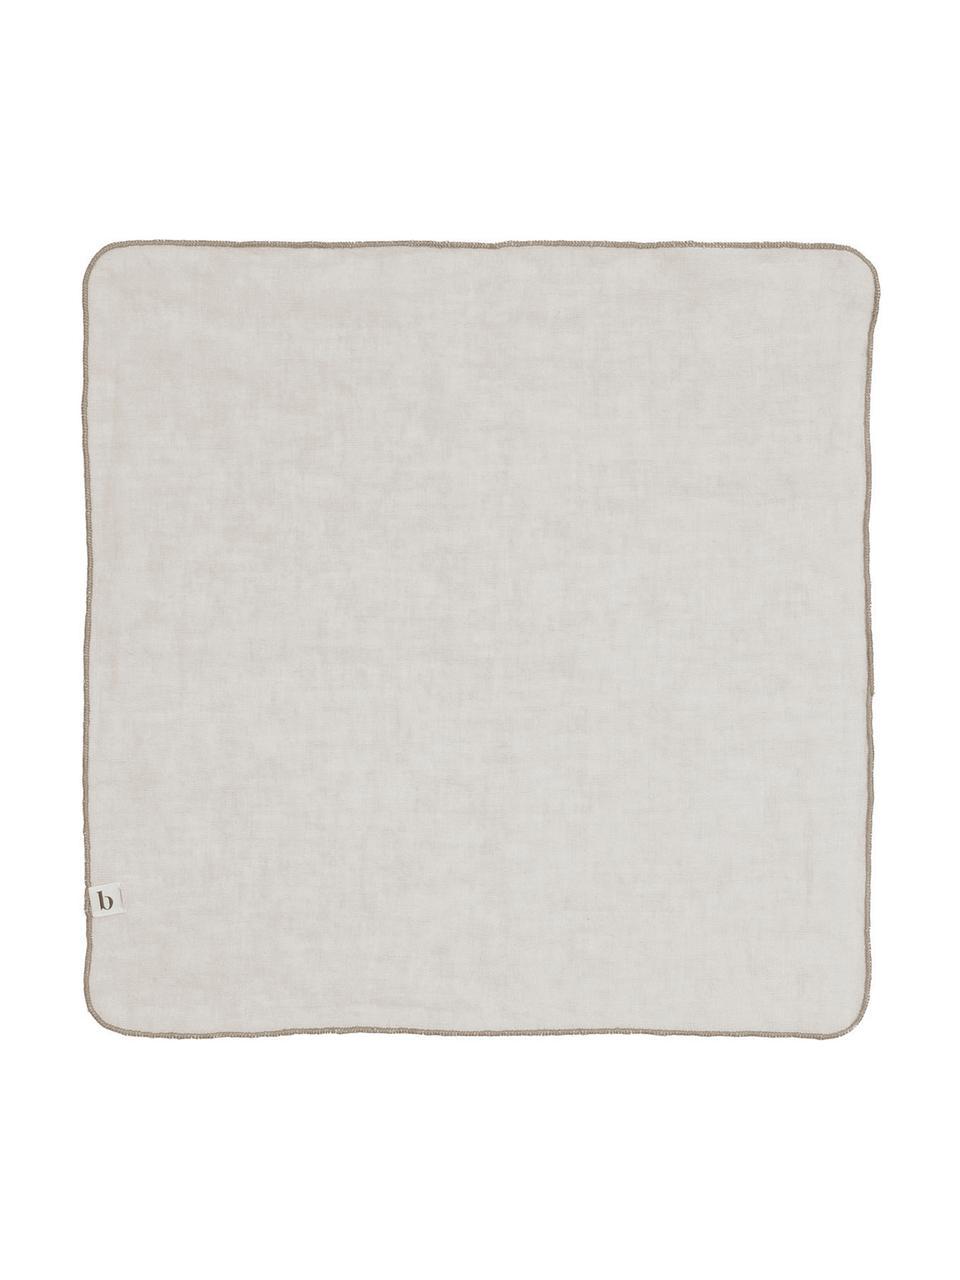 Tovagliolo in lino Gracie 2 pz, Legno naturale, lino, Grigio, Larg. 45 x Lung. 45 cm